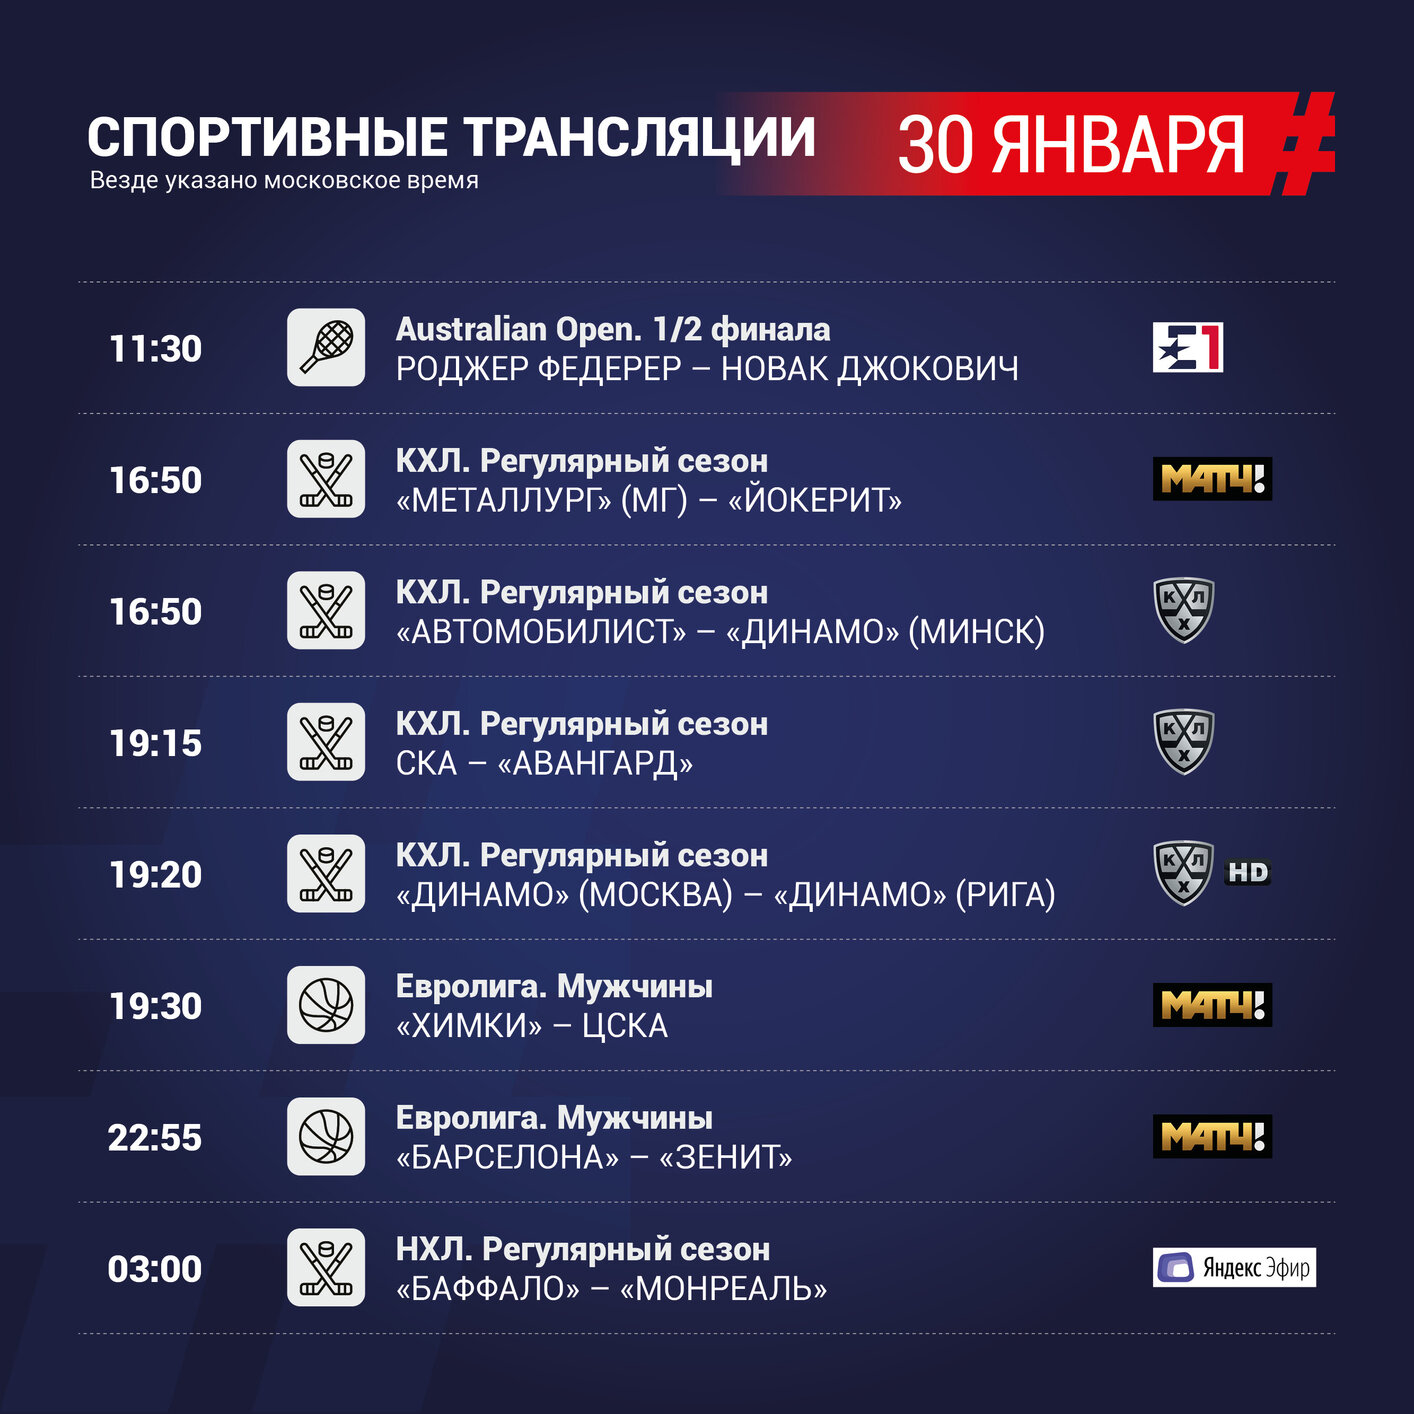 Спортивная телепрограмма Матч ТВ на 30 января